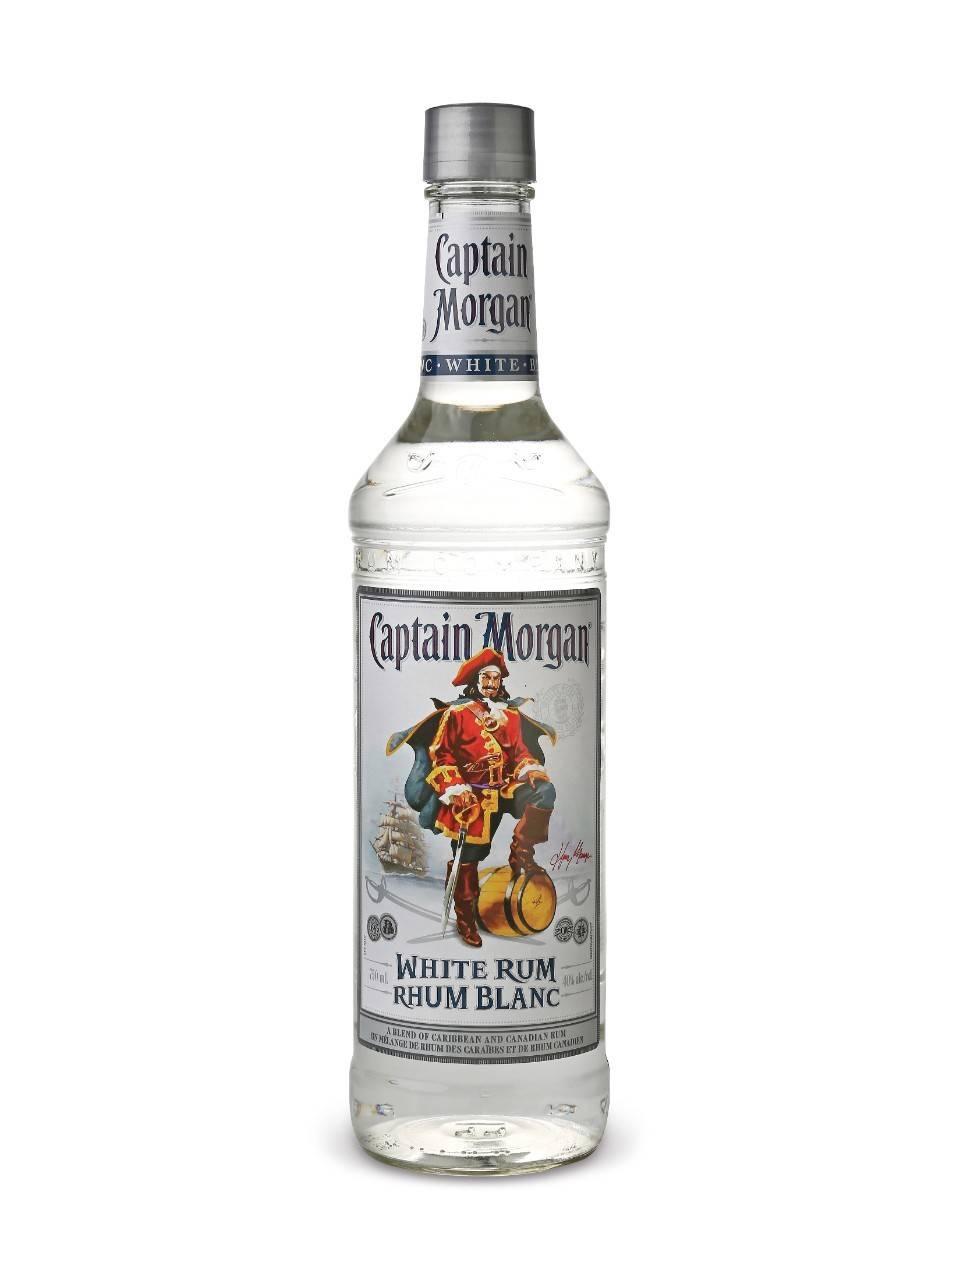 Ром капитан морган (captain morgan): история и виды марки